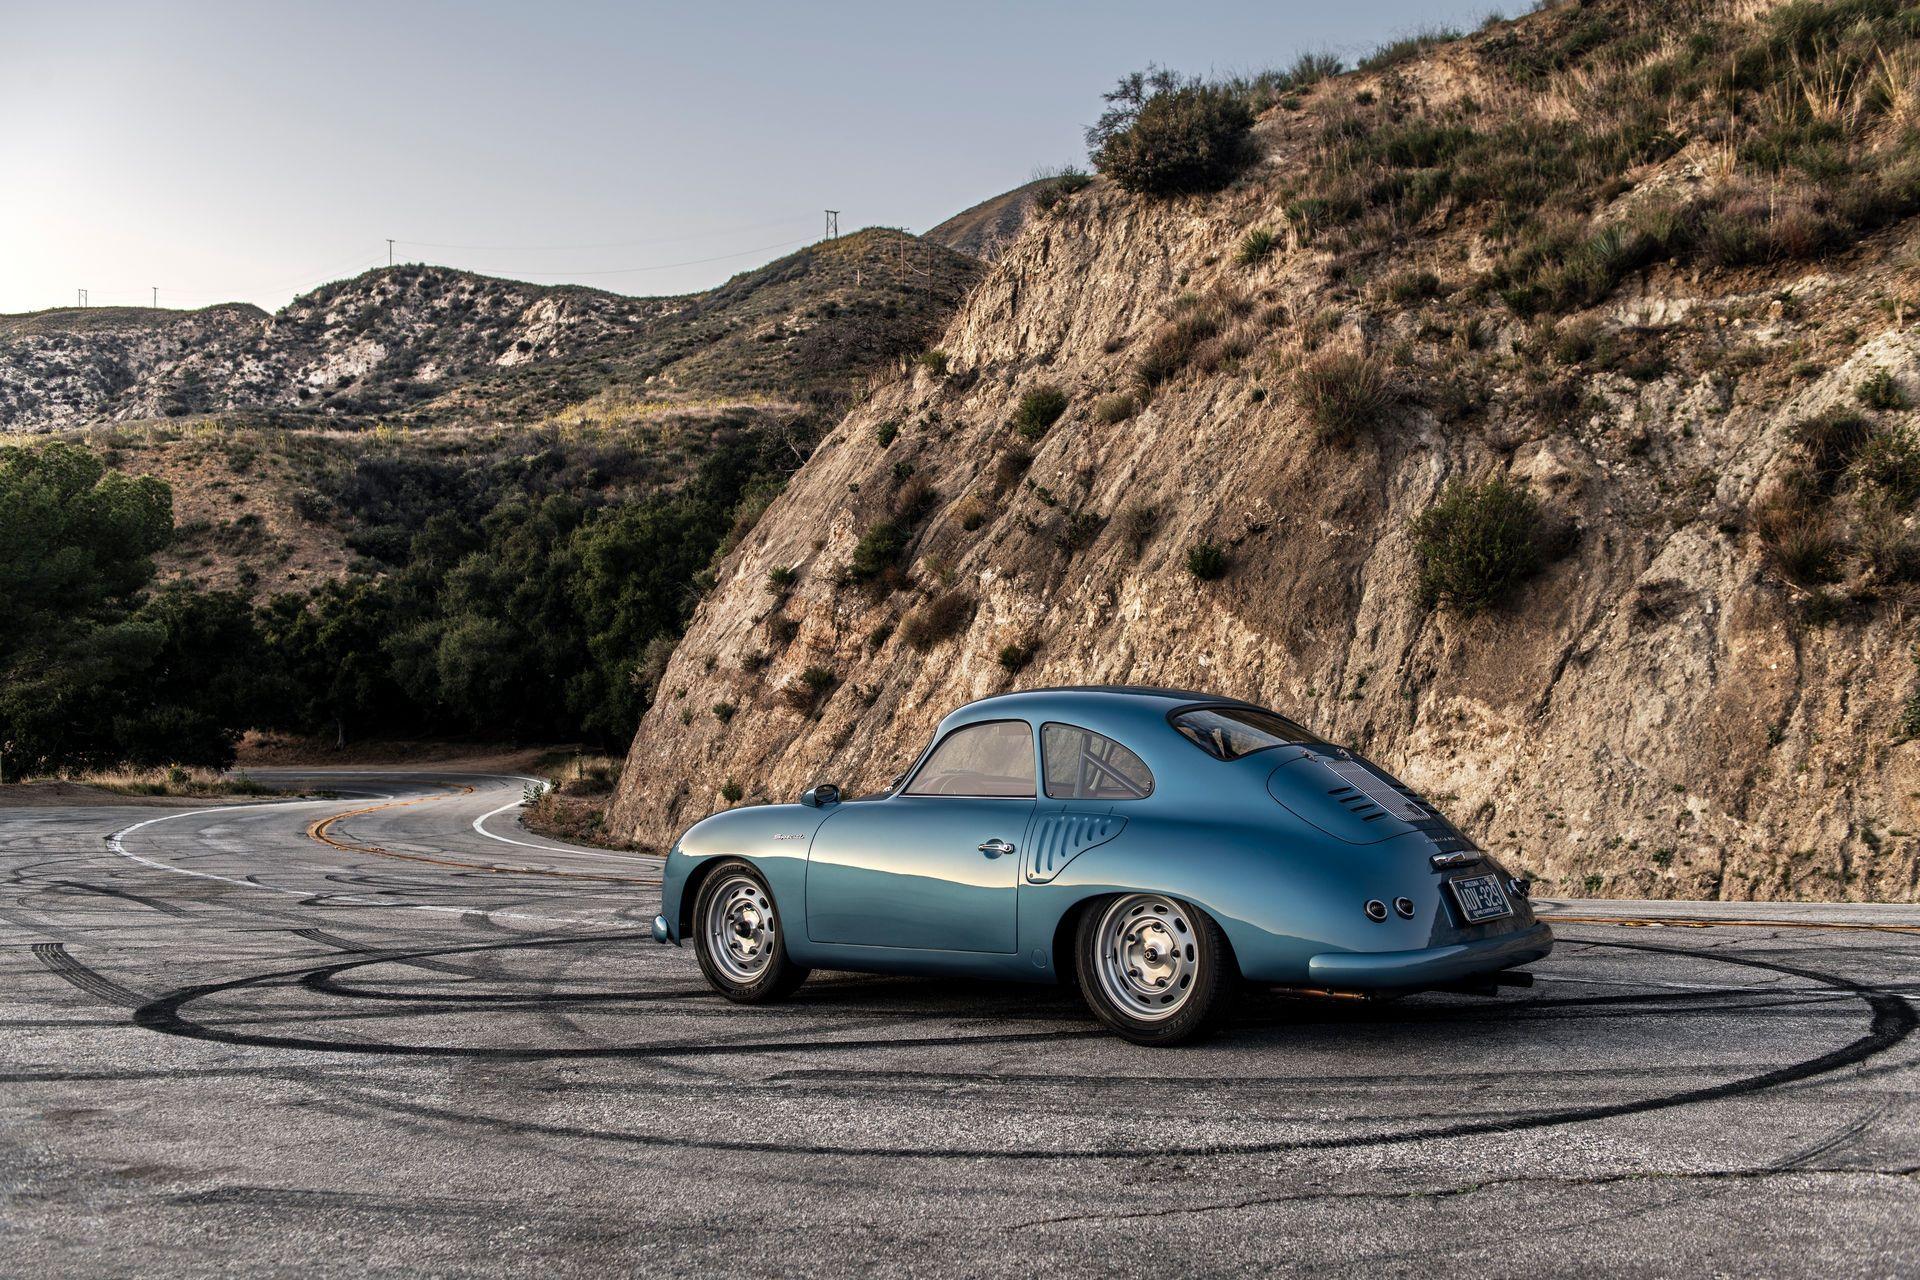 Porsche-356-A-Coupe-Restomod-Emory-Motorsports-46